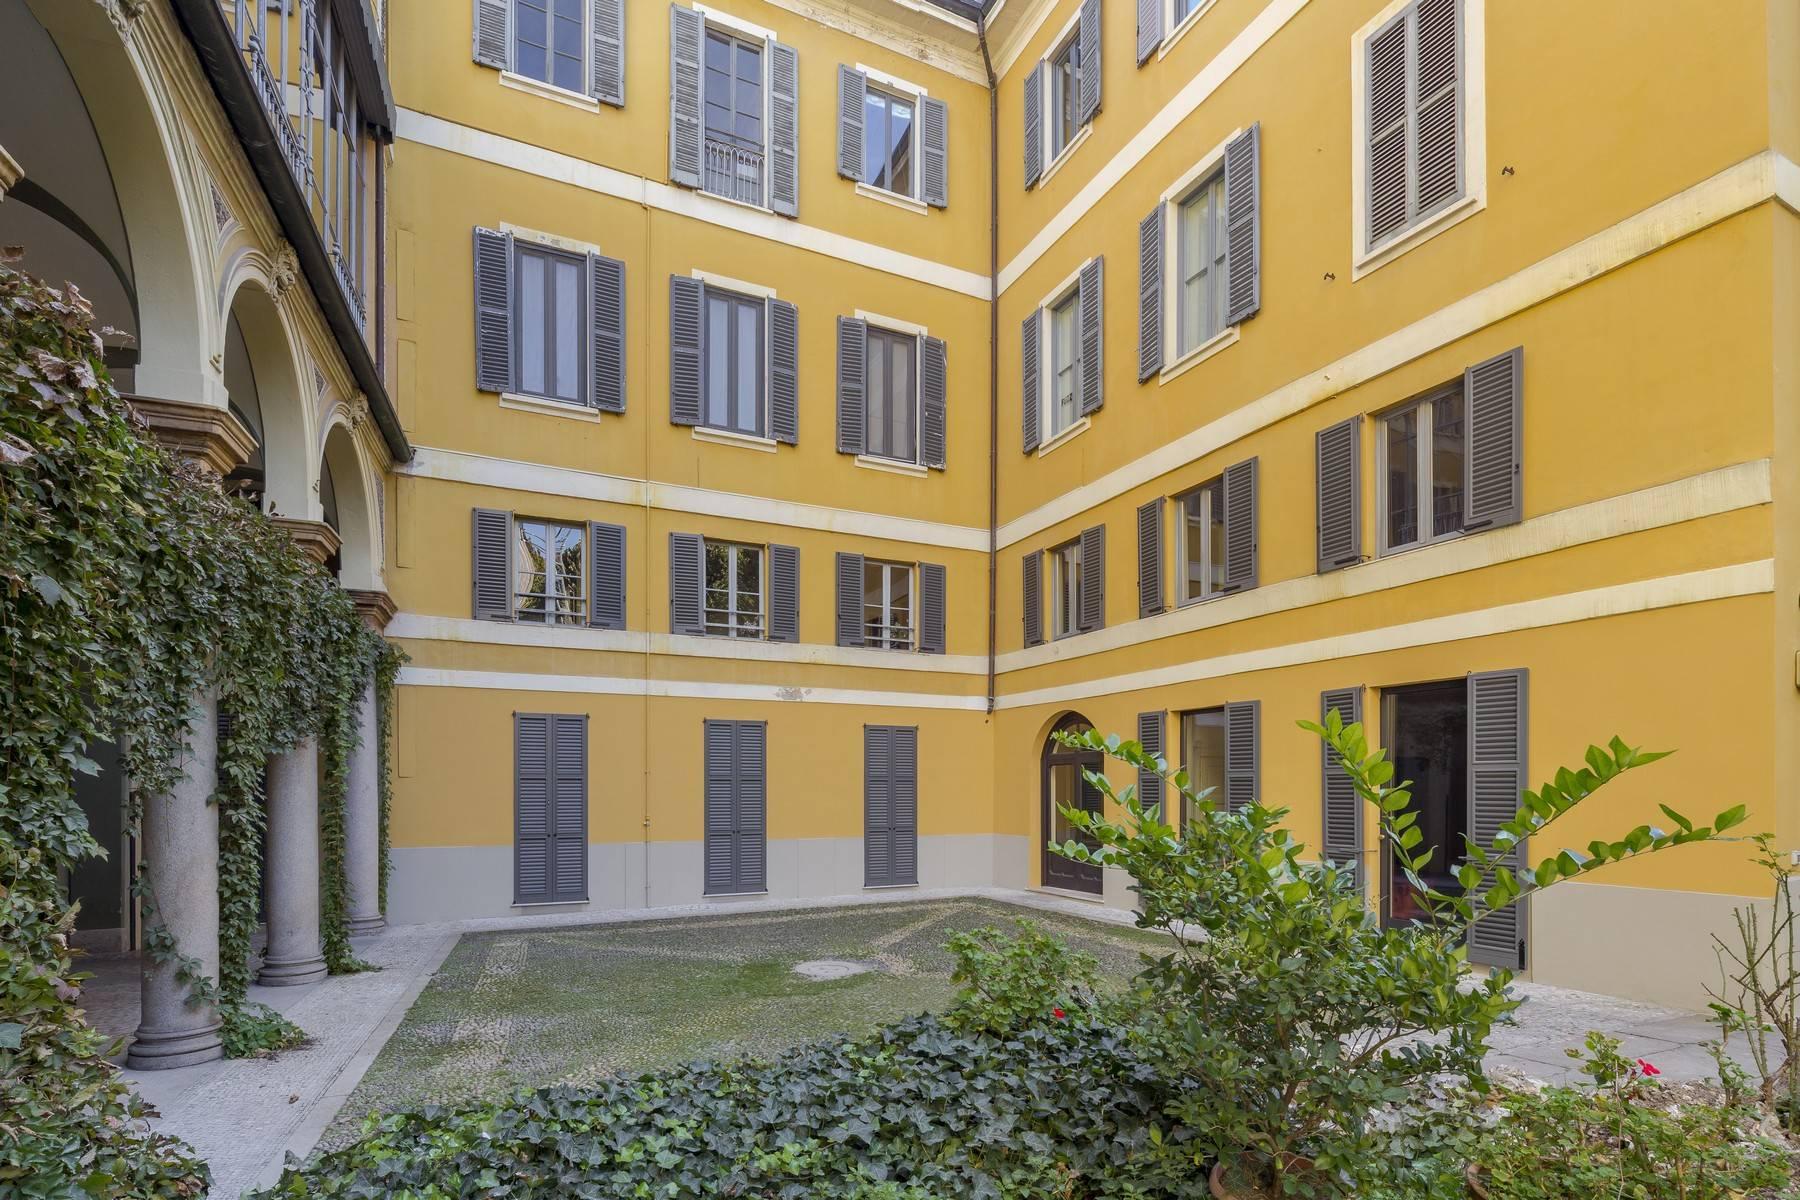 Negozio-locale in Affitto a Milano: 2 locali, 100 mq - Foto 24